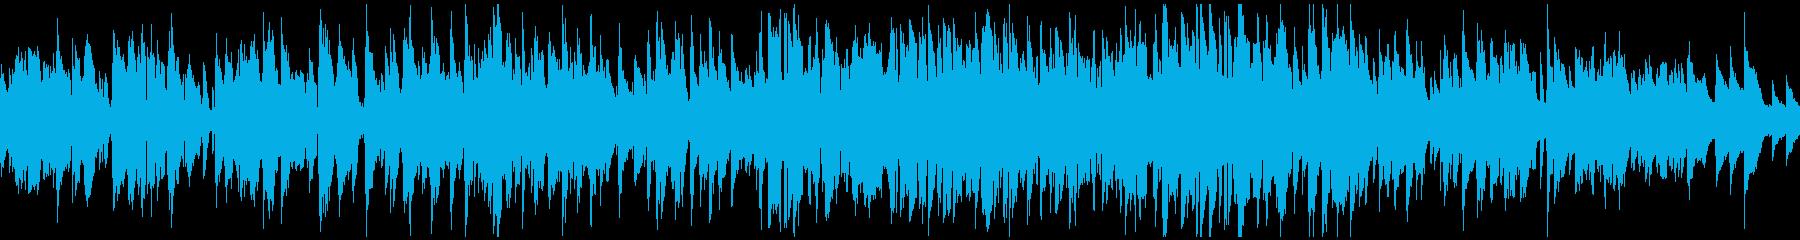 素敵ロマンチックなジャズワルツ※ループ版の再生済みの波形